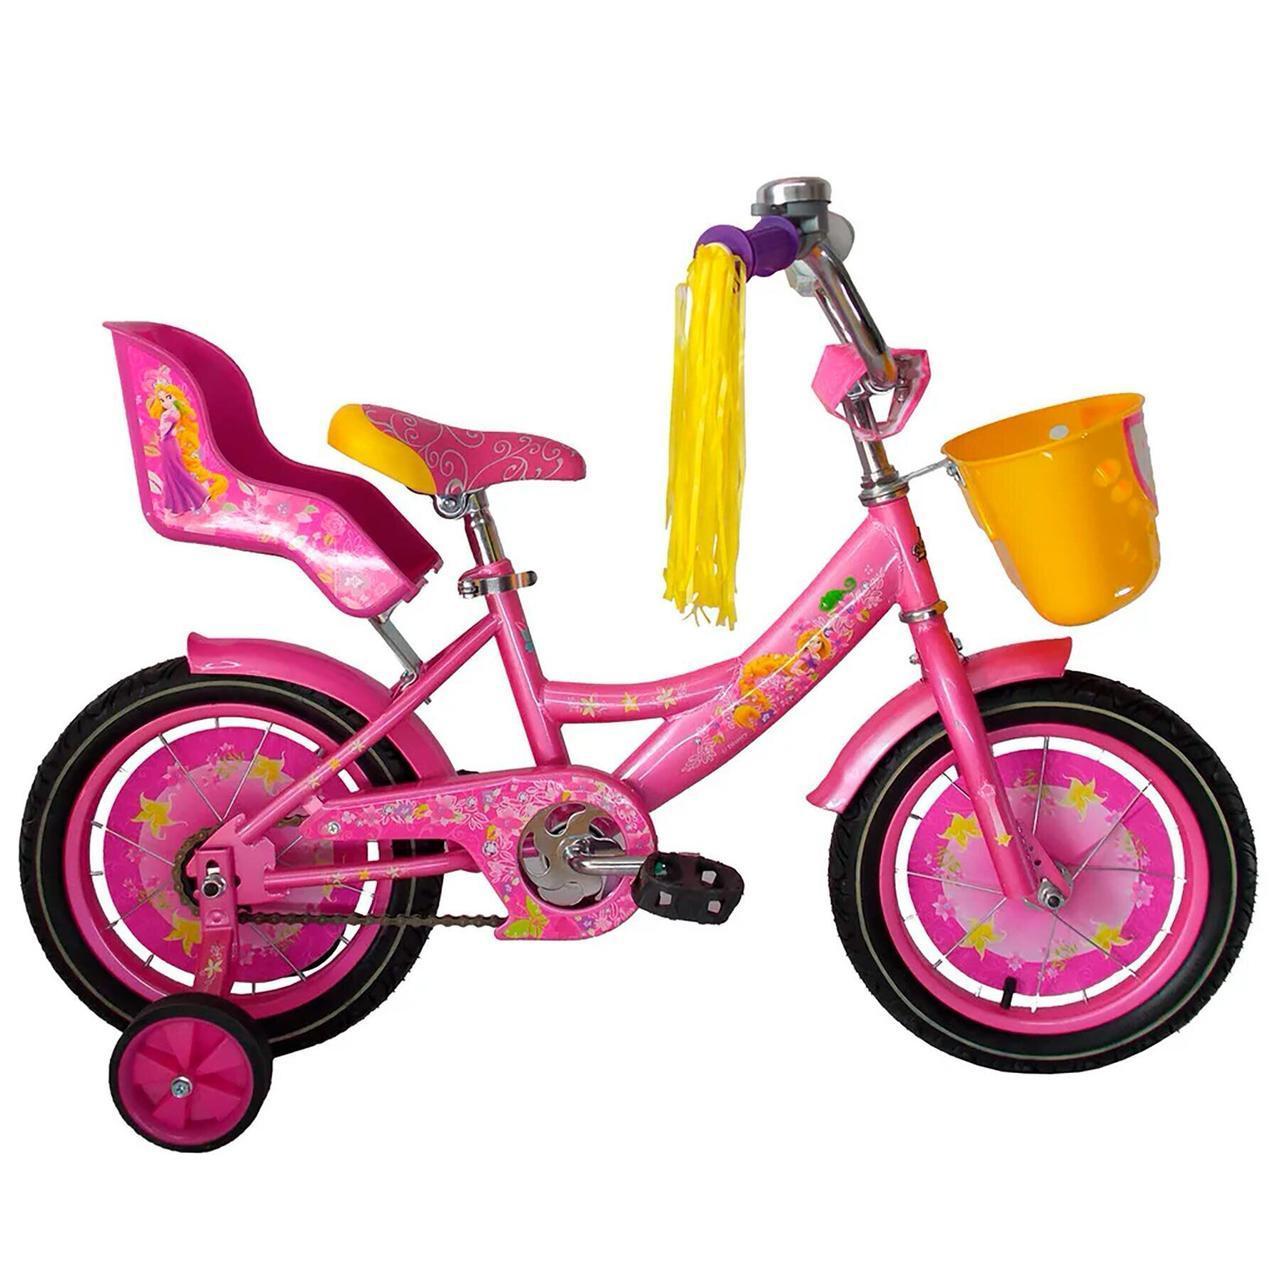 Велосипед детский двухколесный для девочки Azimut Girls с корзинкой